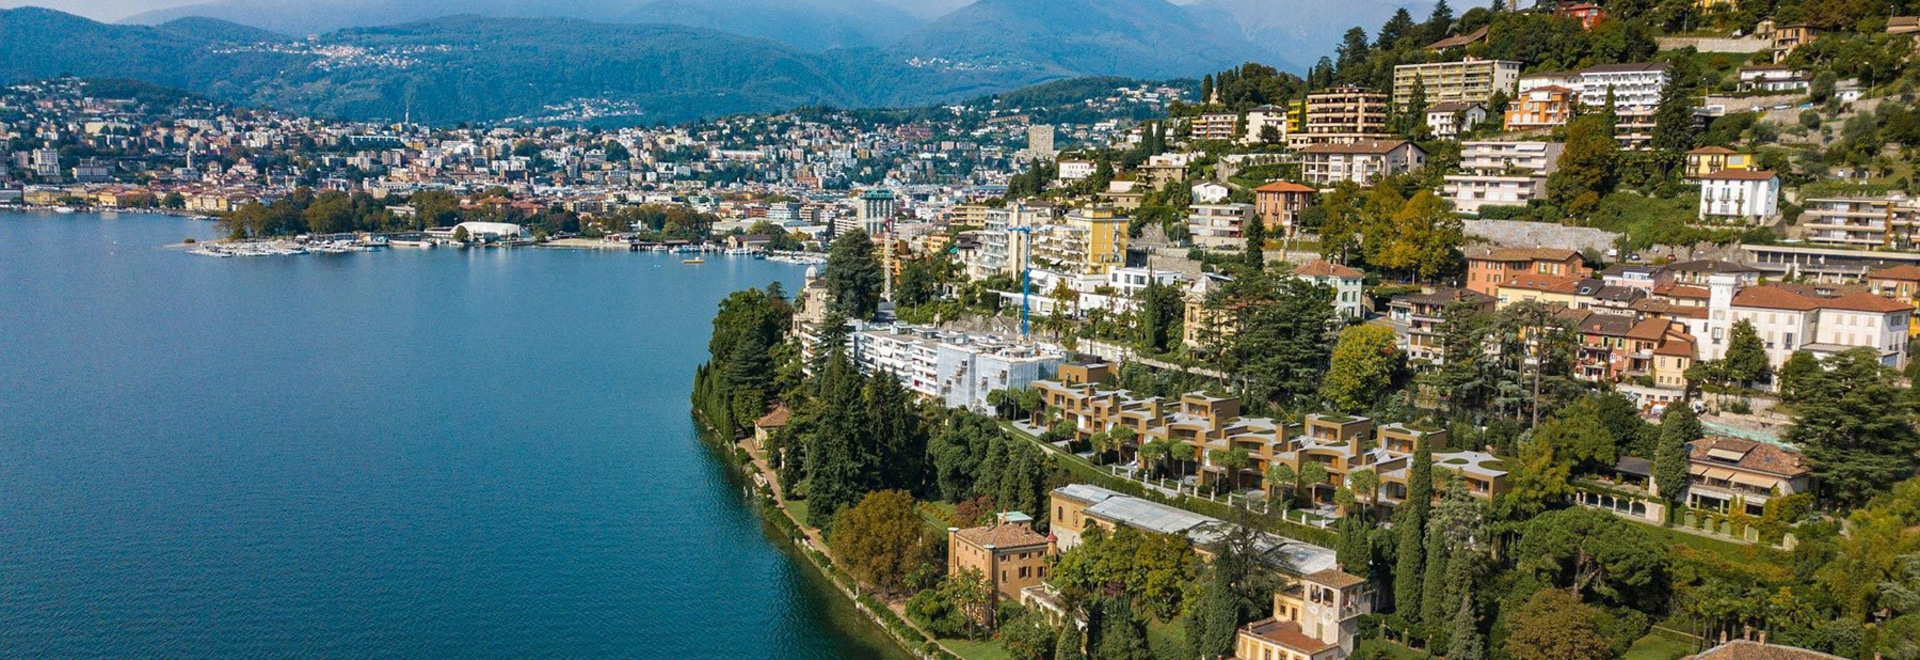 le herzog et le de meuron construit huit villas sur les banques inclinées du lac Lugano